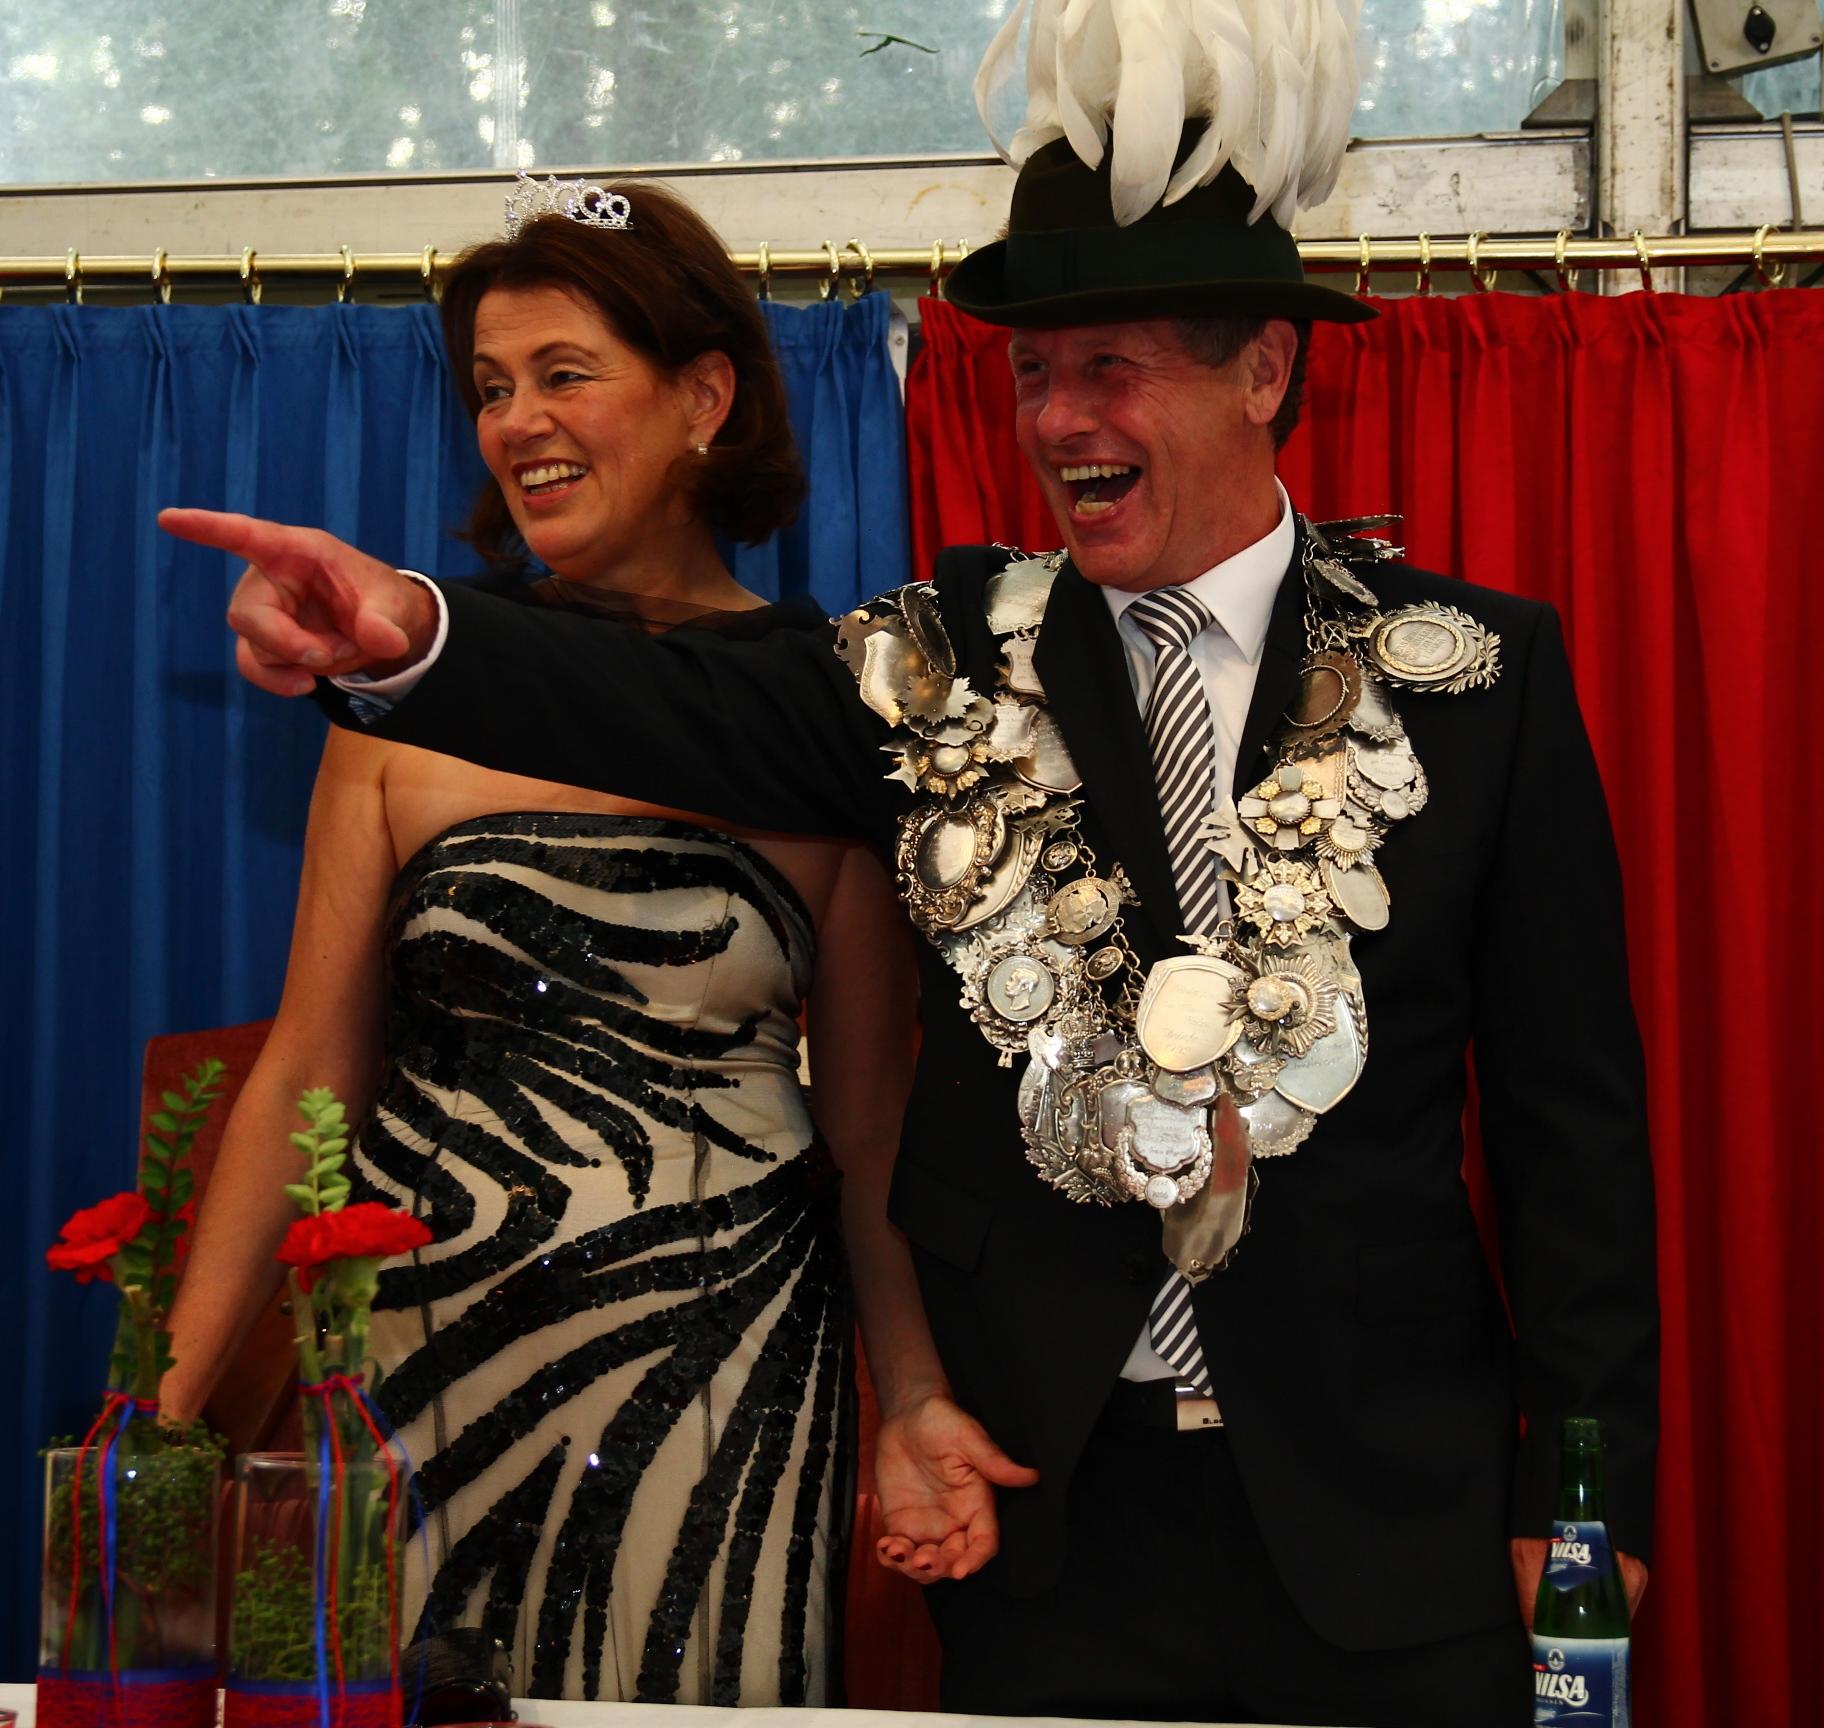 König Hermann Honkomp und Frau Anne im Jahr 2014